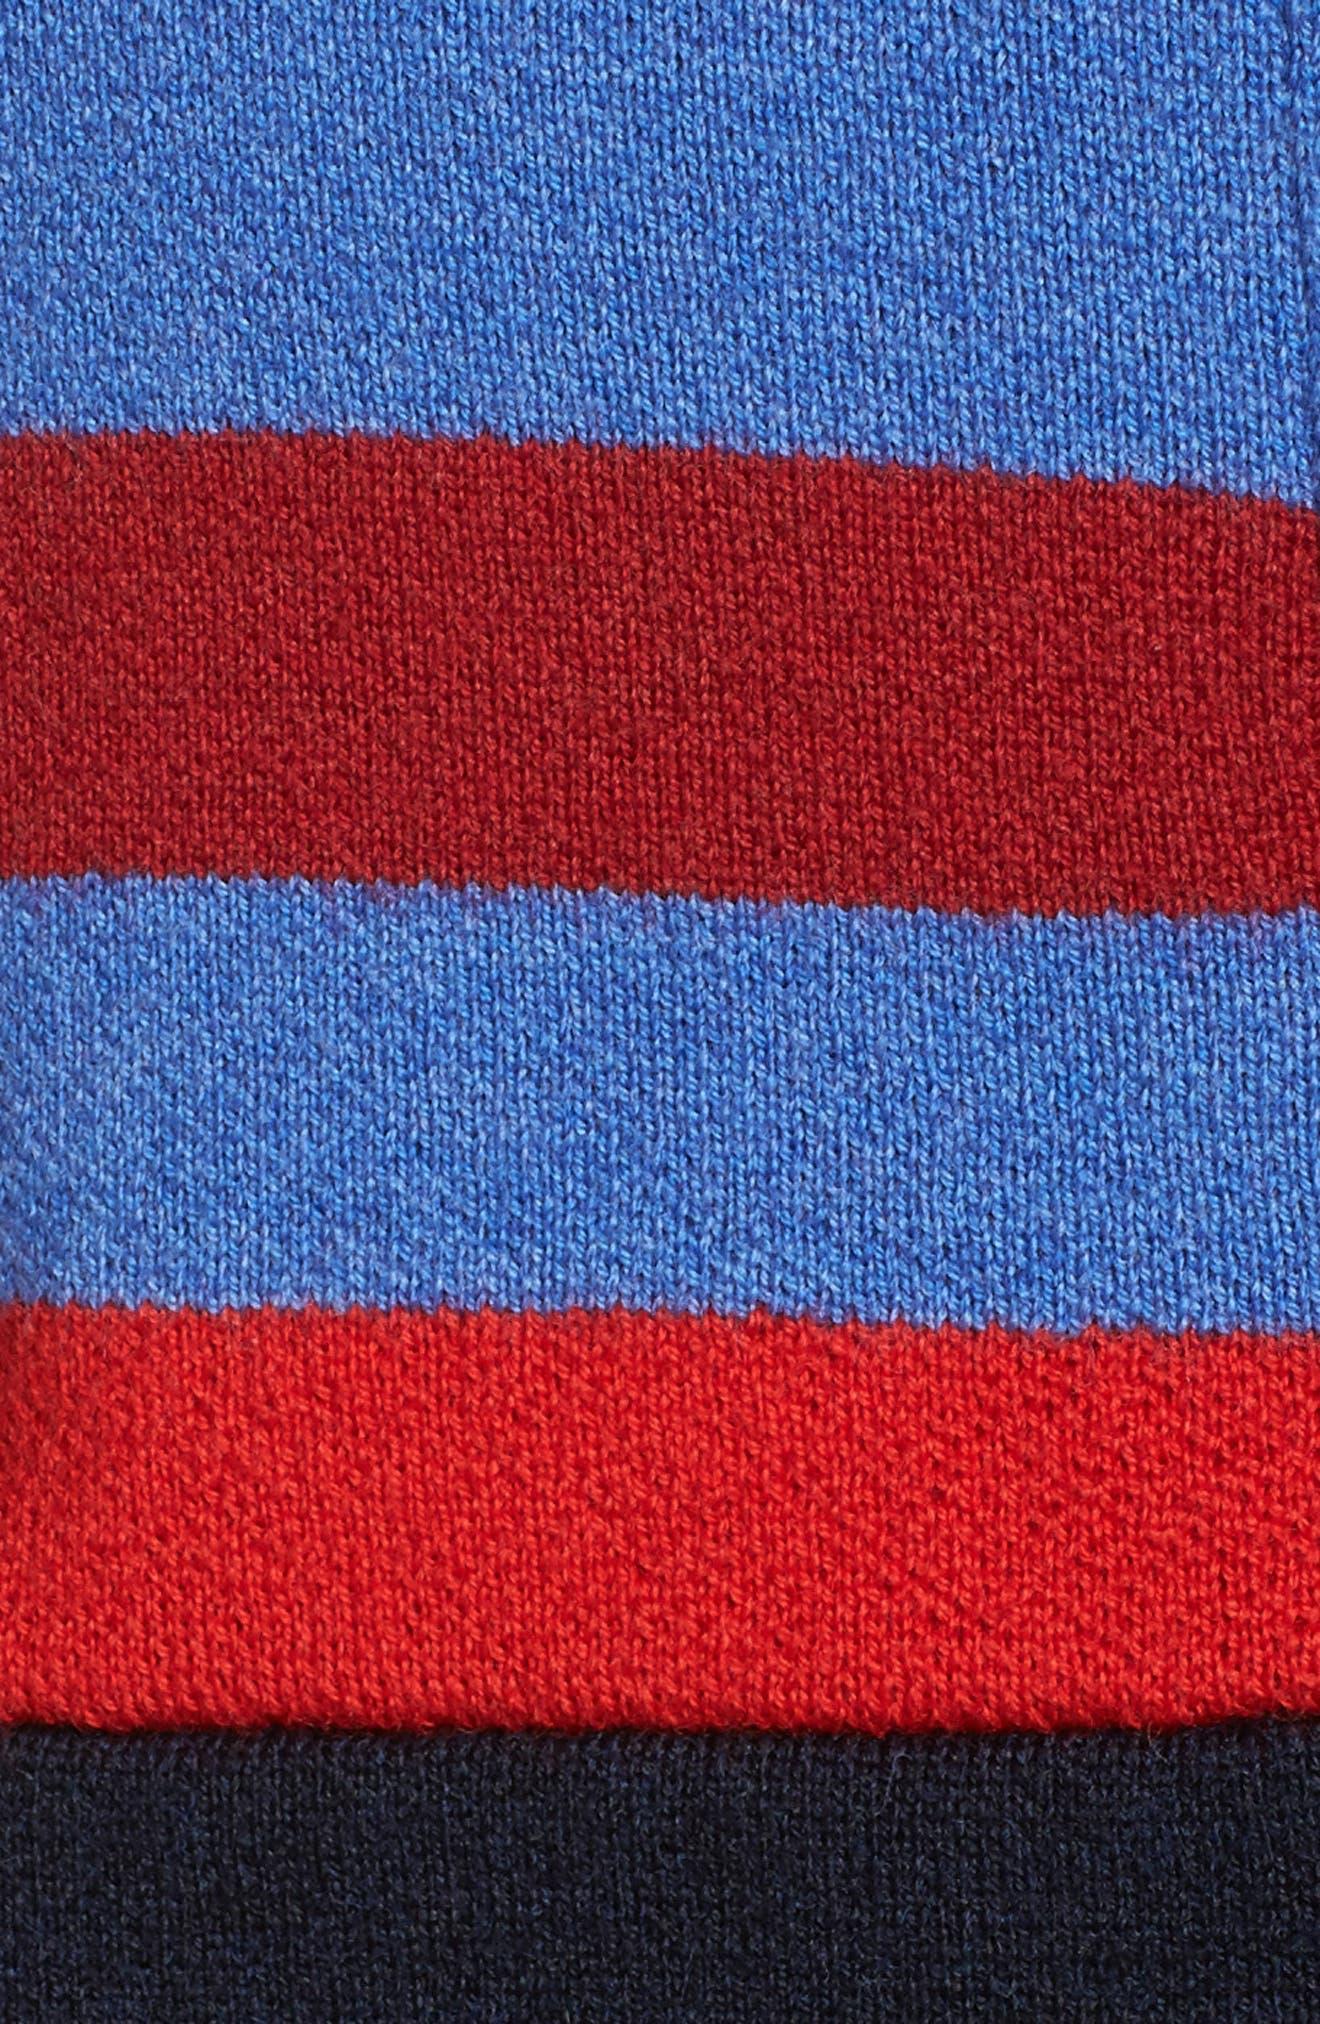 Merino Wool Zip Jacket,                             Alternate thumbnail 6, color,                             Sky Blue